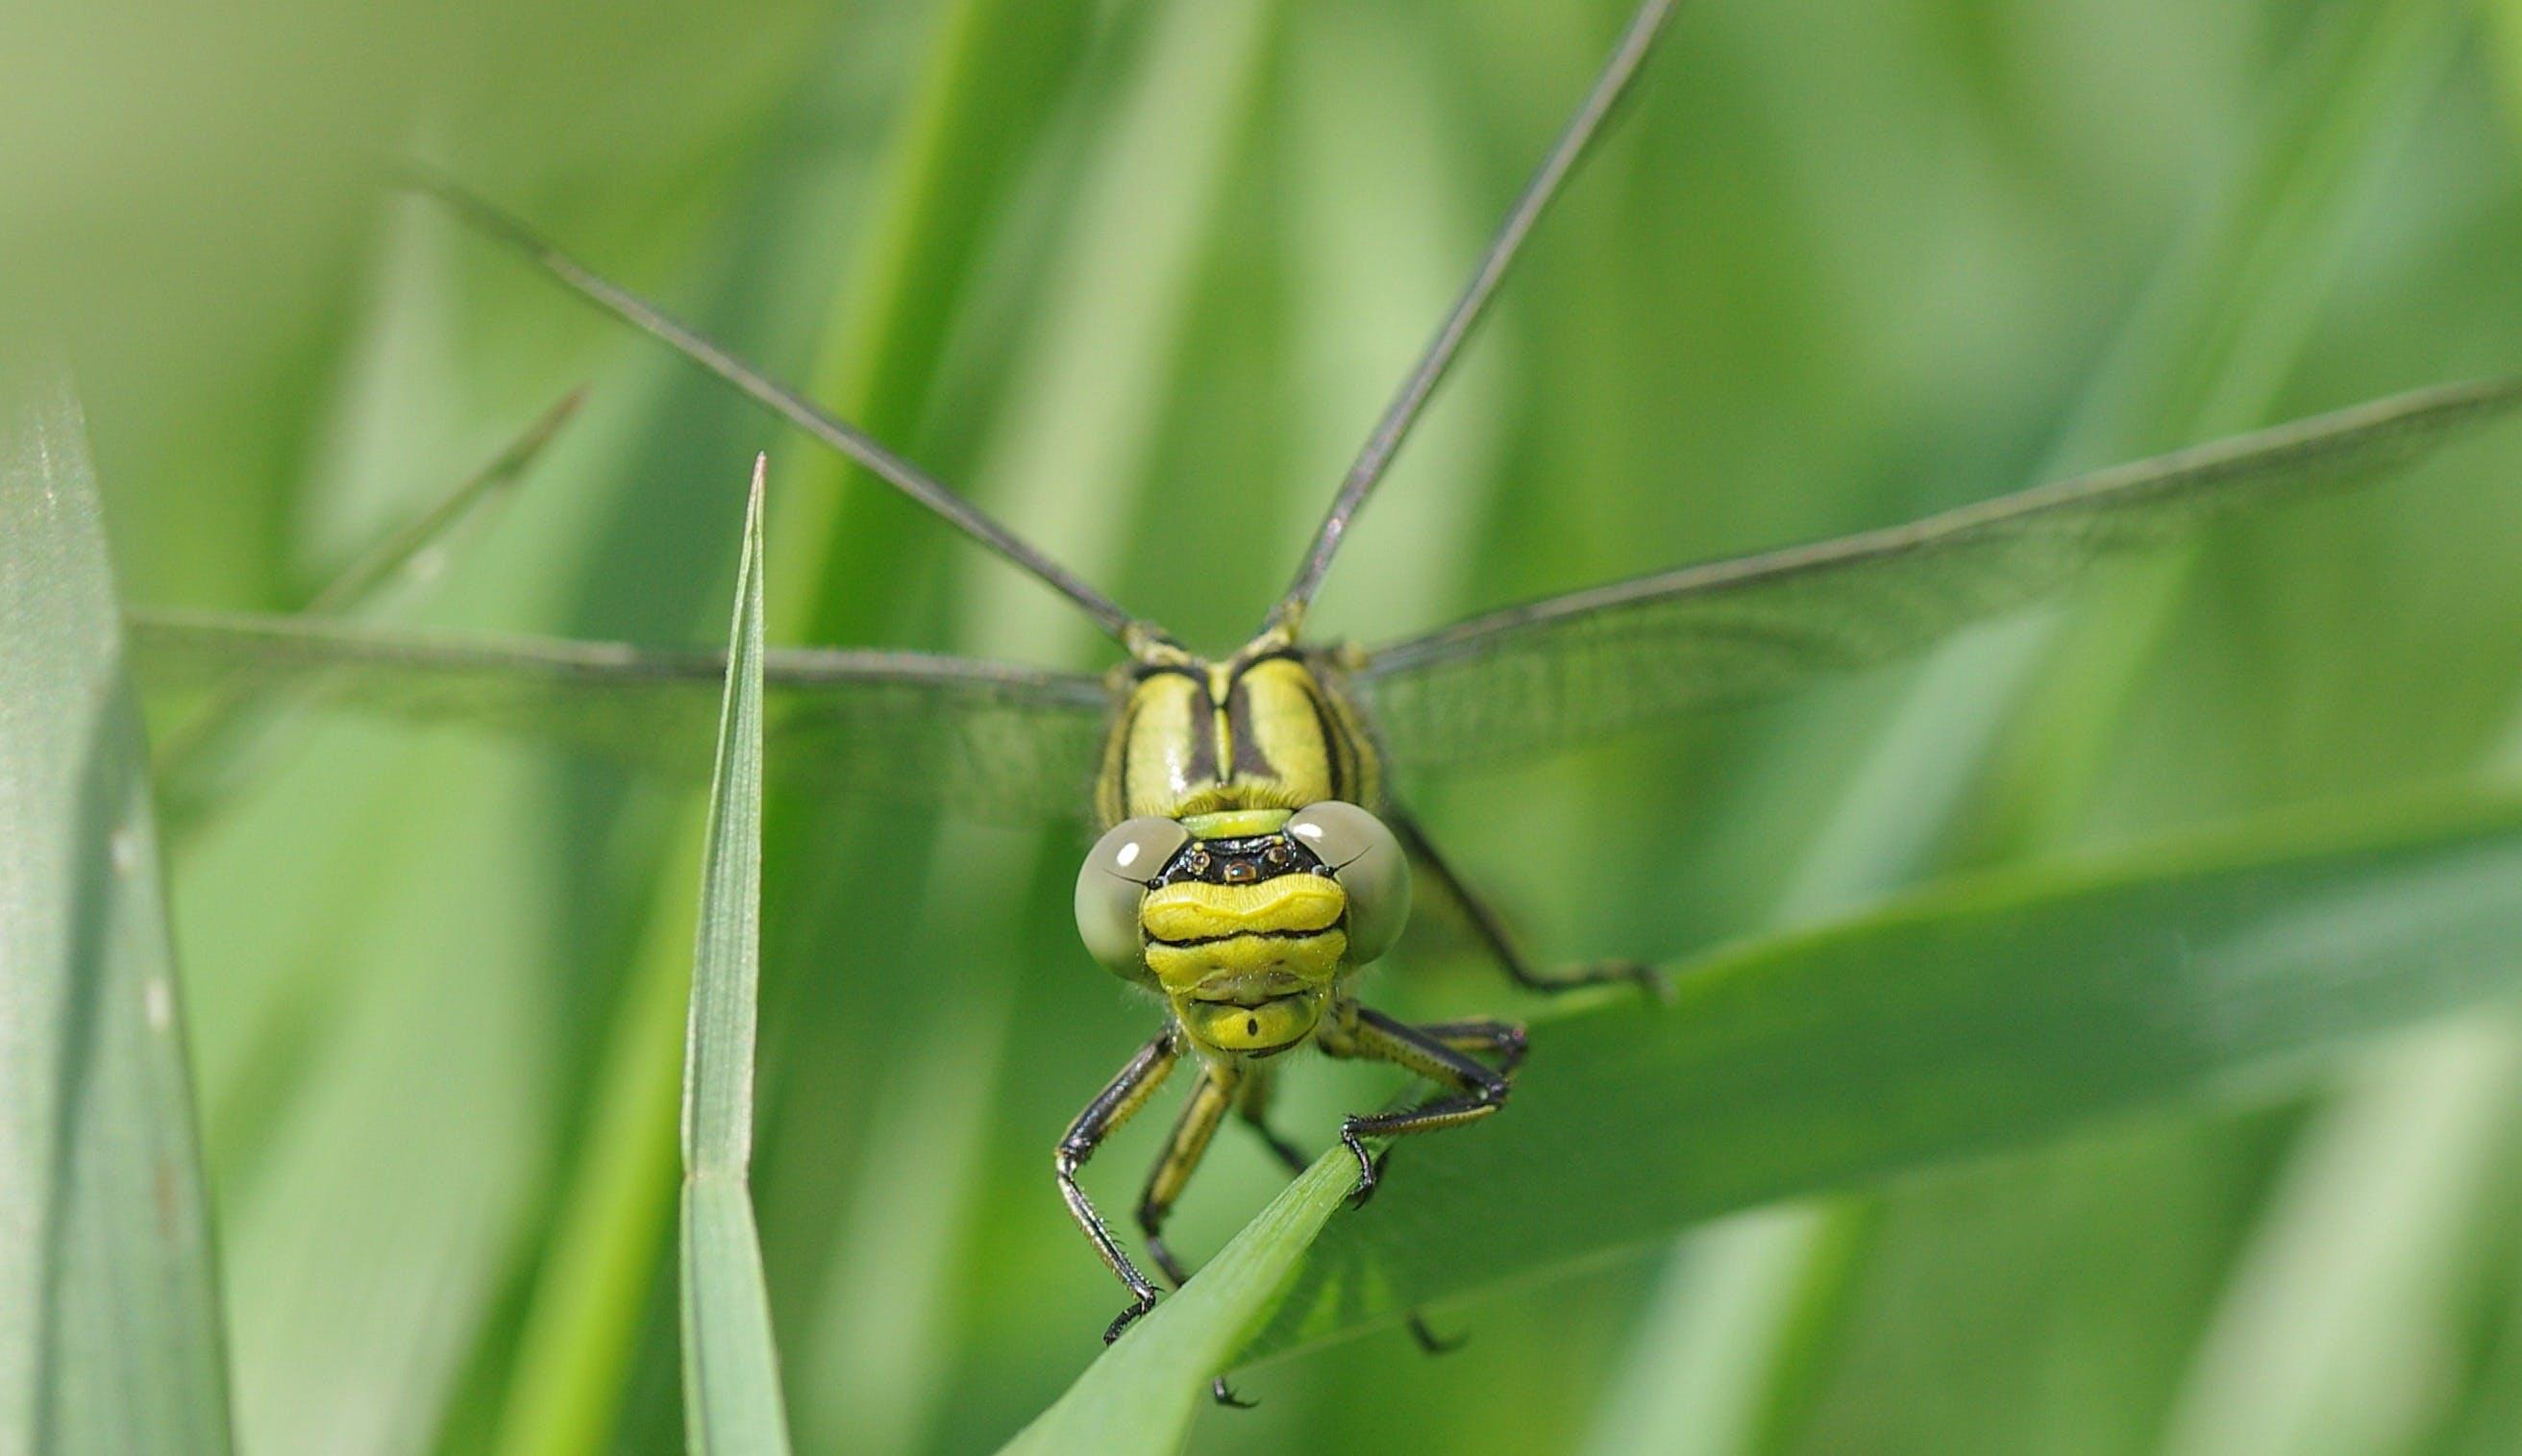 Gratis lagerfoto af close-up, grøn, guldsmed, insekt